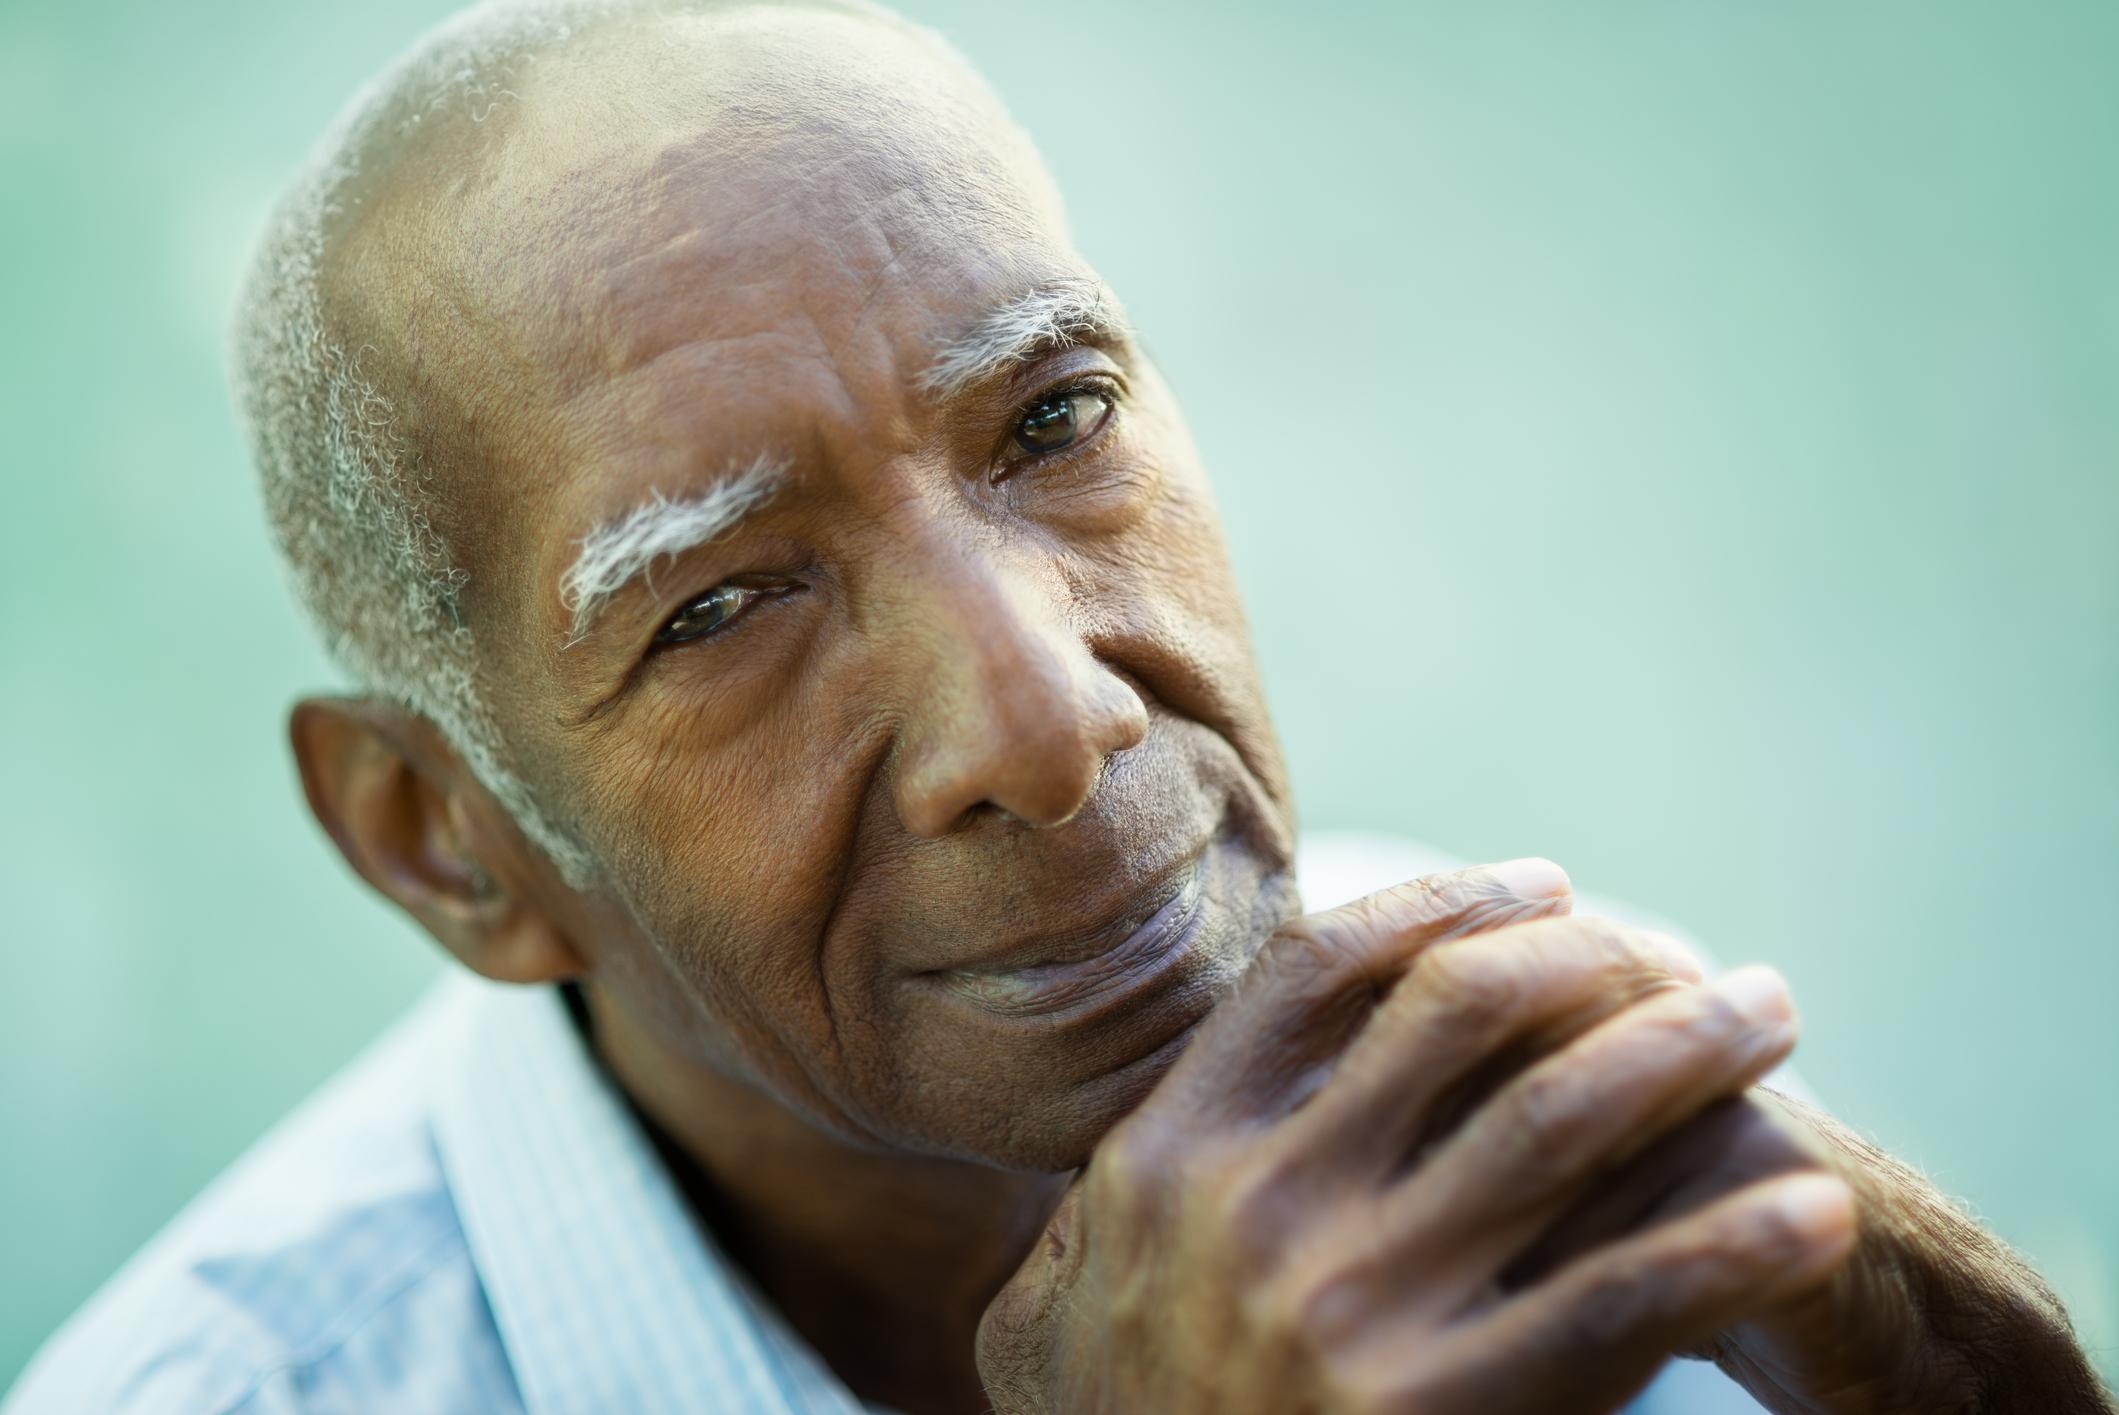 A smiling senior man.